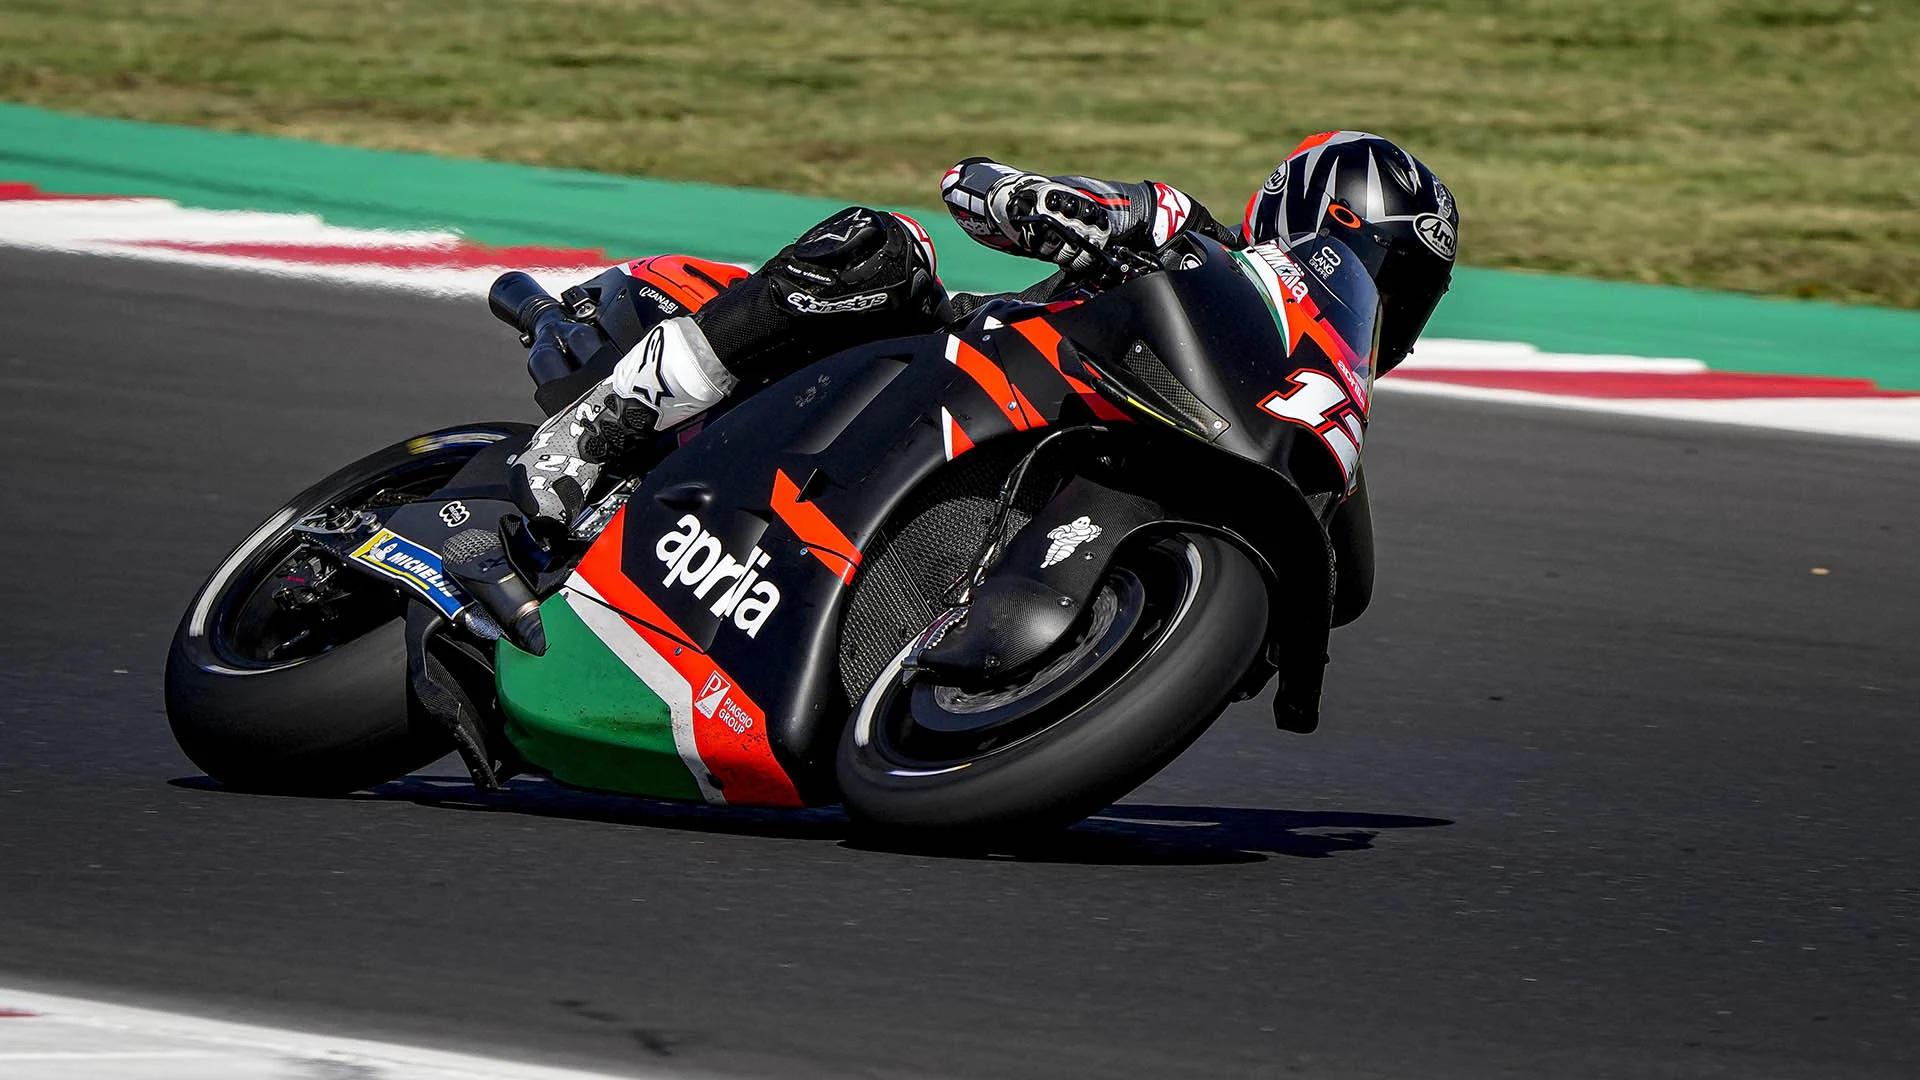 MotoGP2021 ビニャーレスは9月12日アラゴン戦からアプリリアデビュー